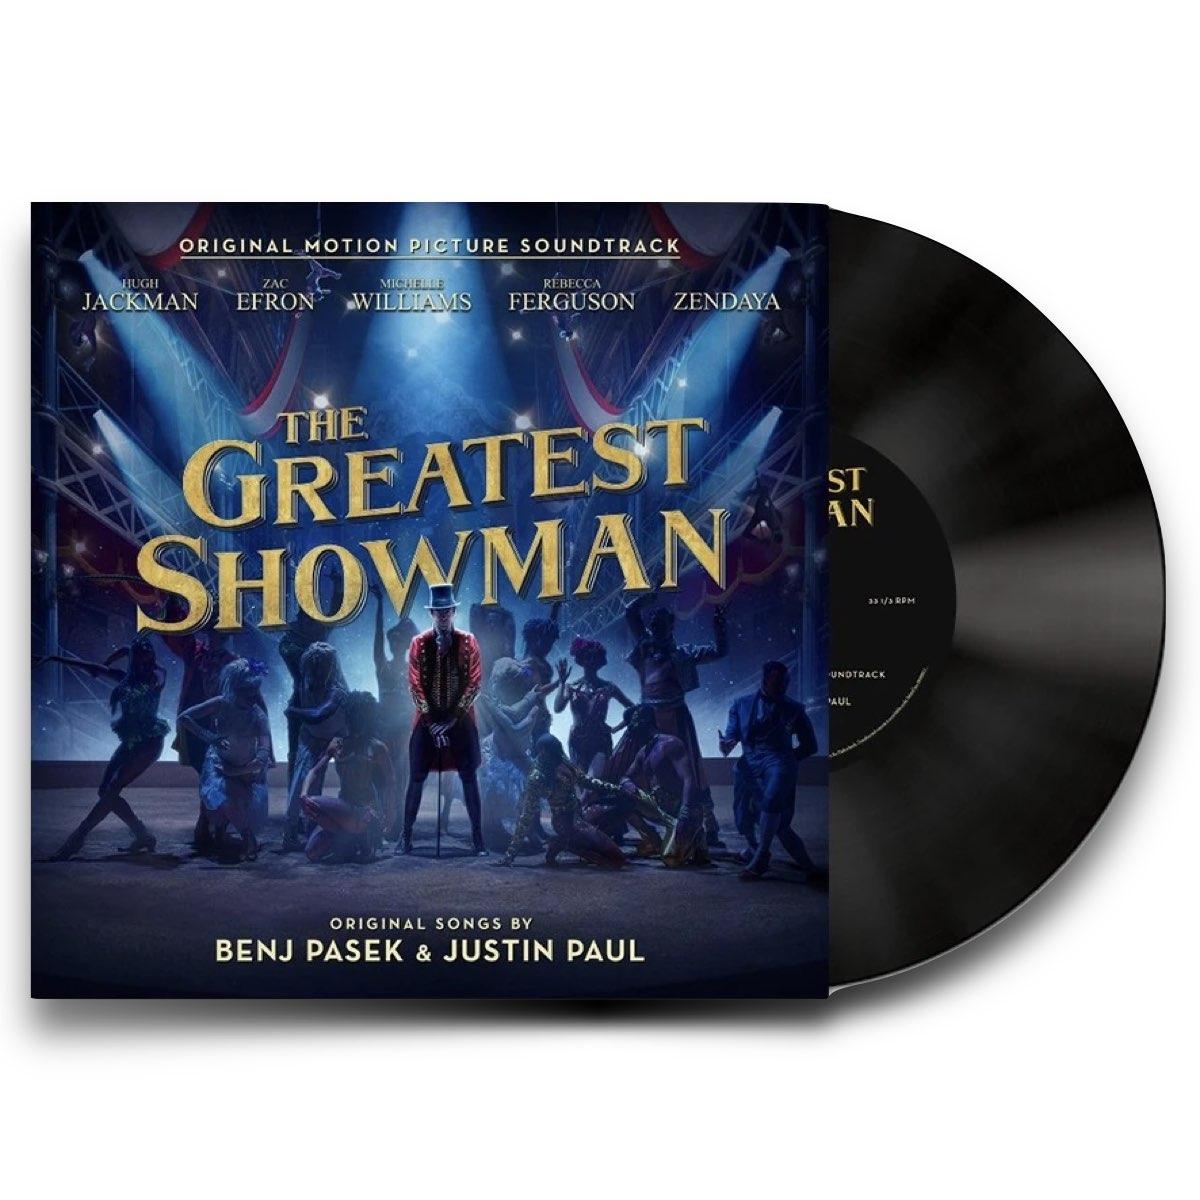 The Greatest Showman - Original Motion Picture Soundtrack [Black Vinyl]